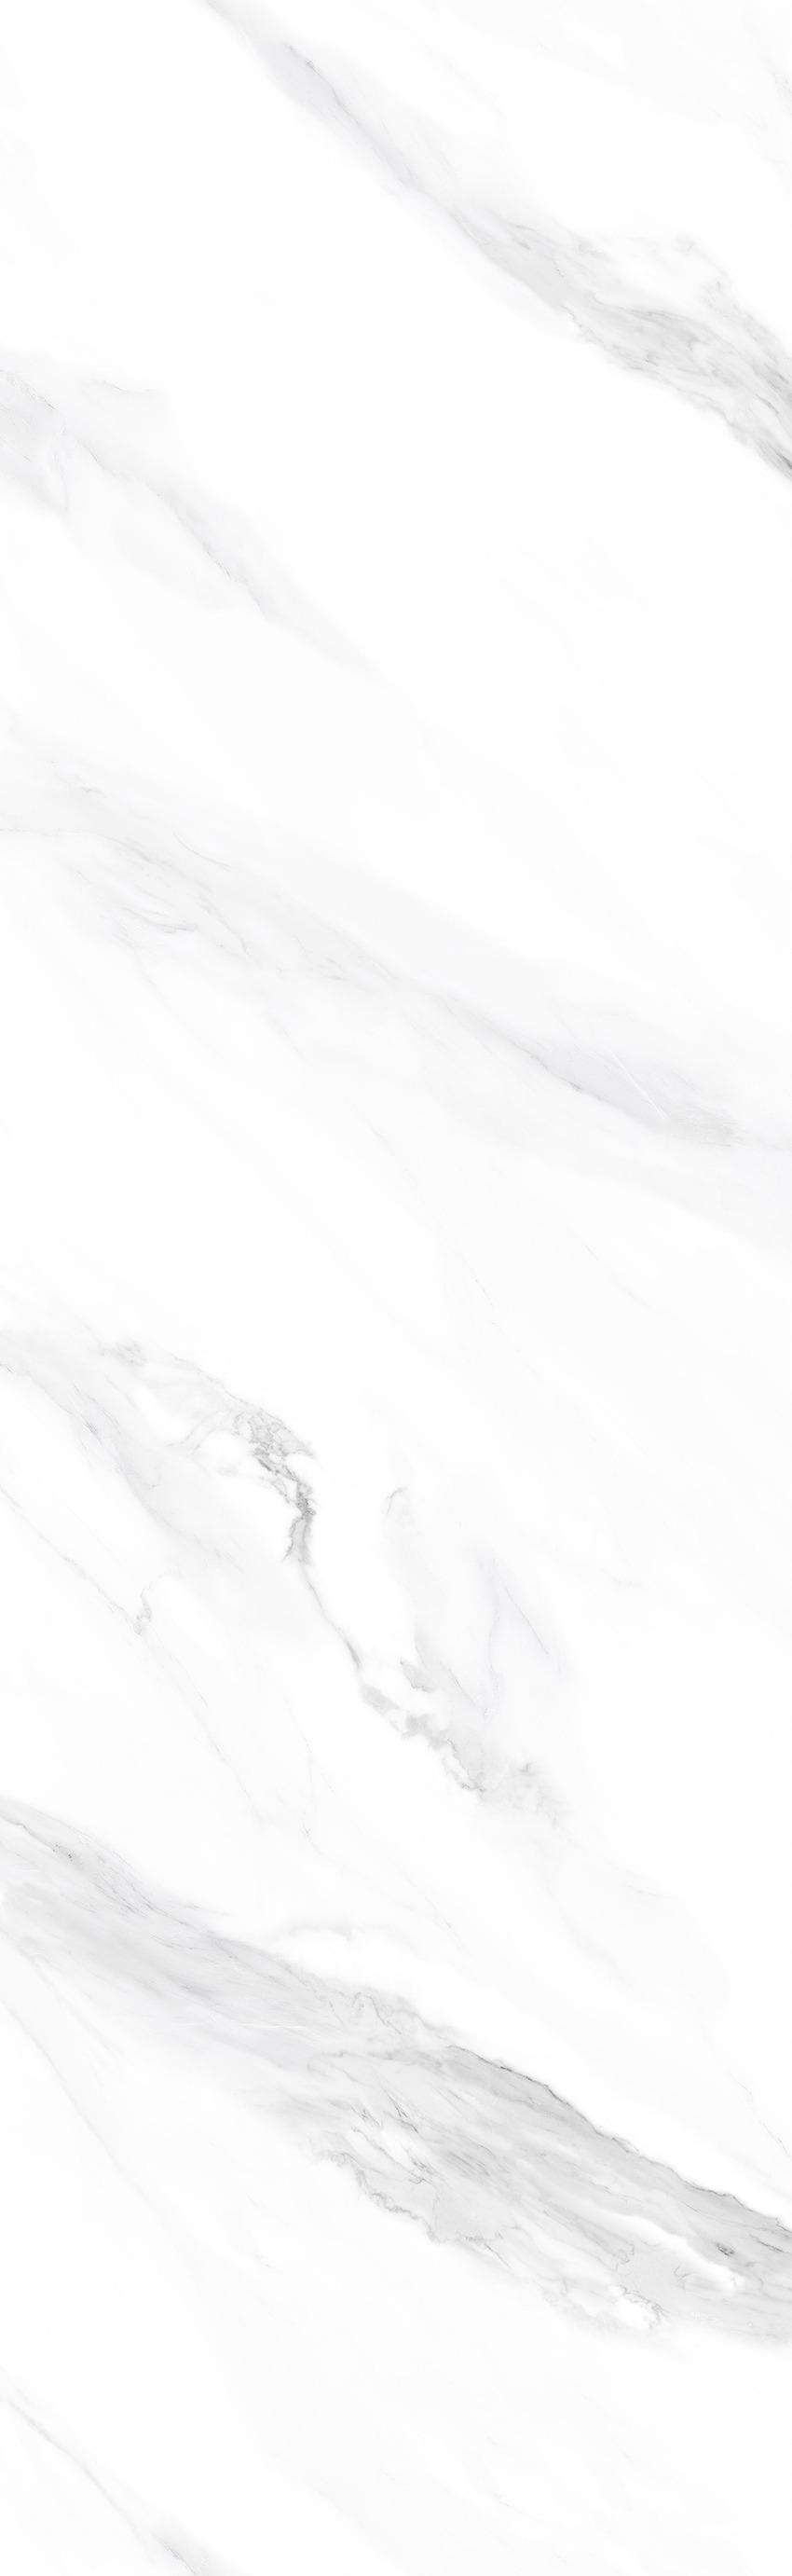 鹿跃岩板LY826914(800*2600)新映雪